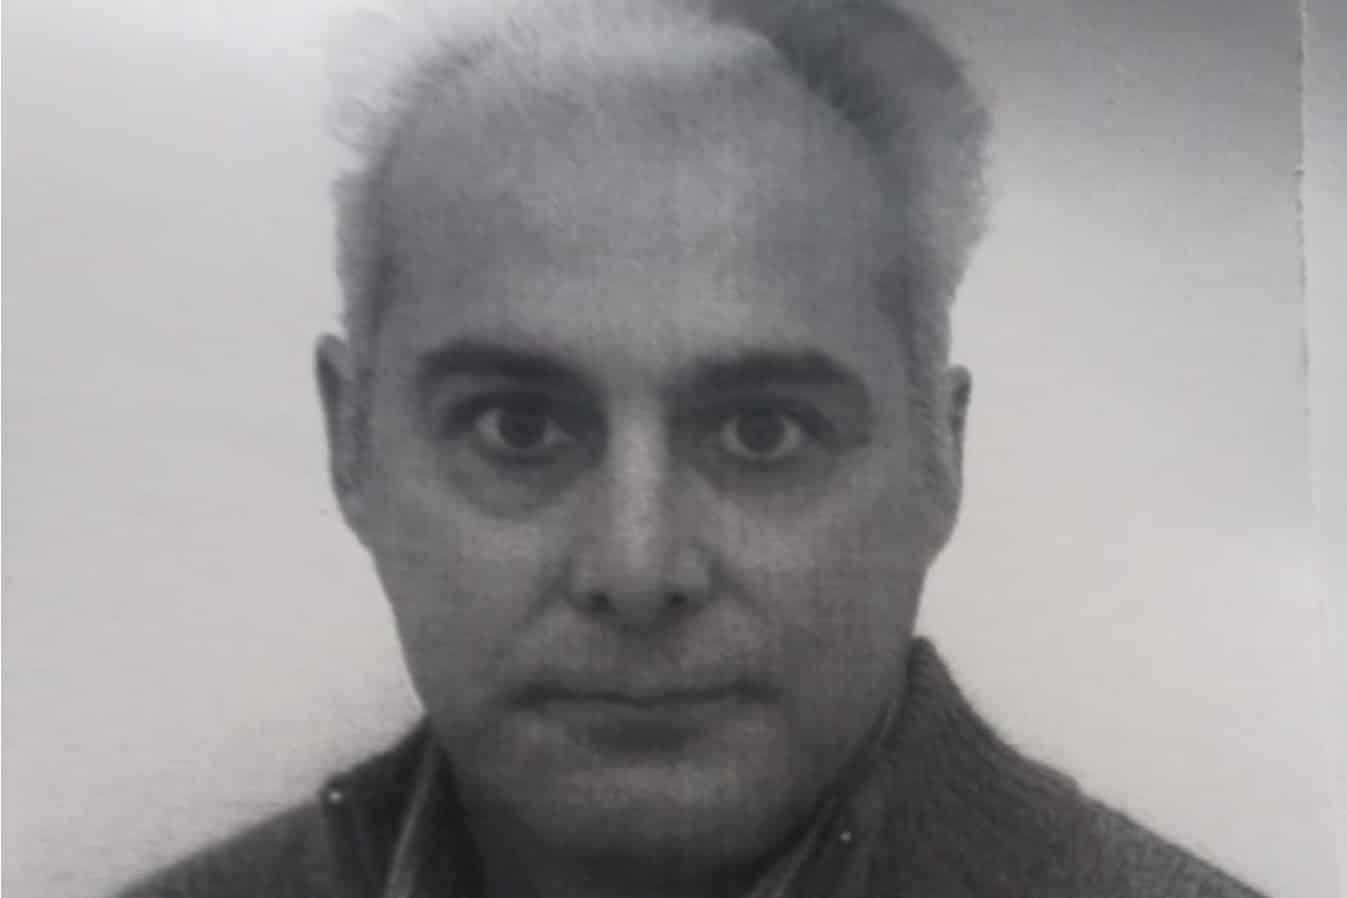 Carmelo Gagliano, ancora nessuna traccia del 61enne scomparso a Cianciana: proseguono le ricerche